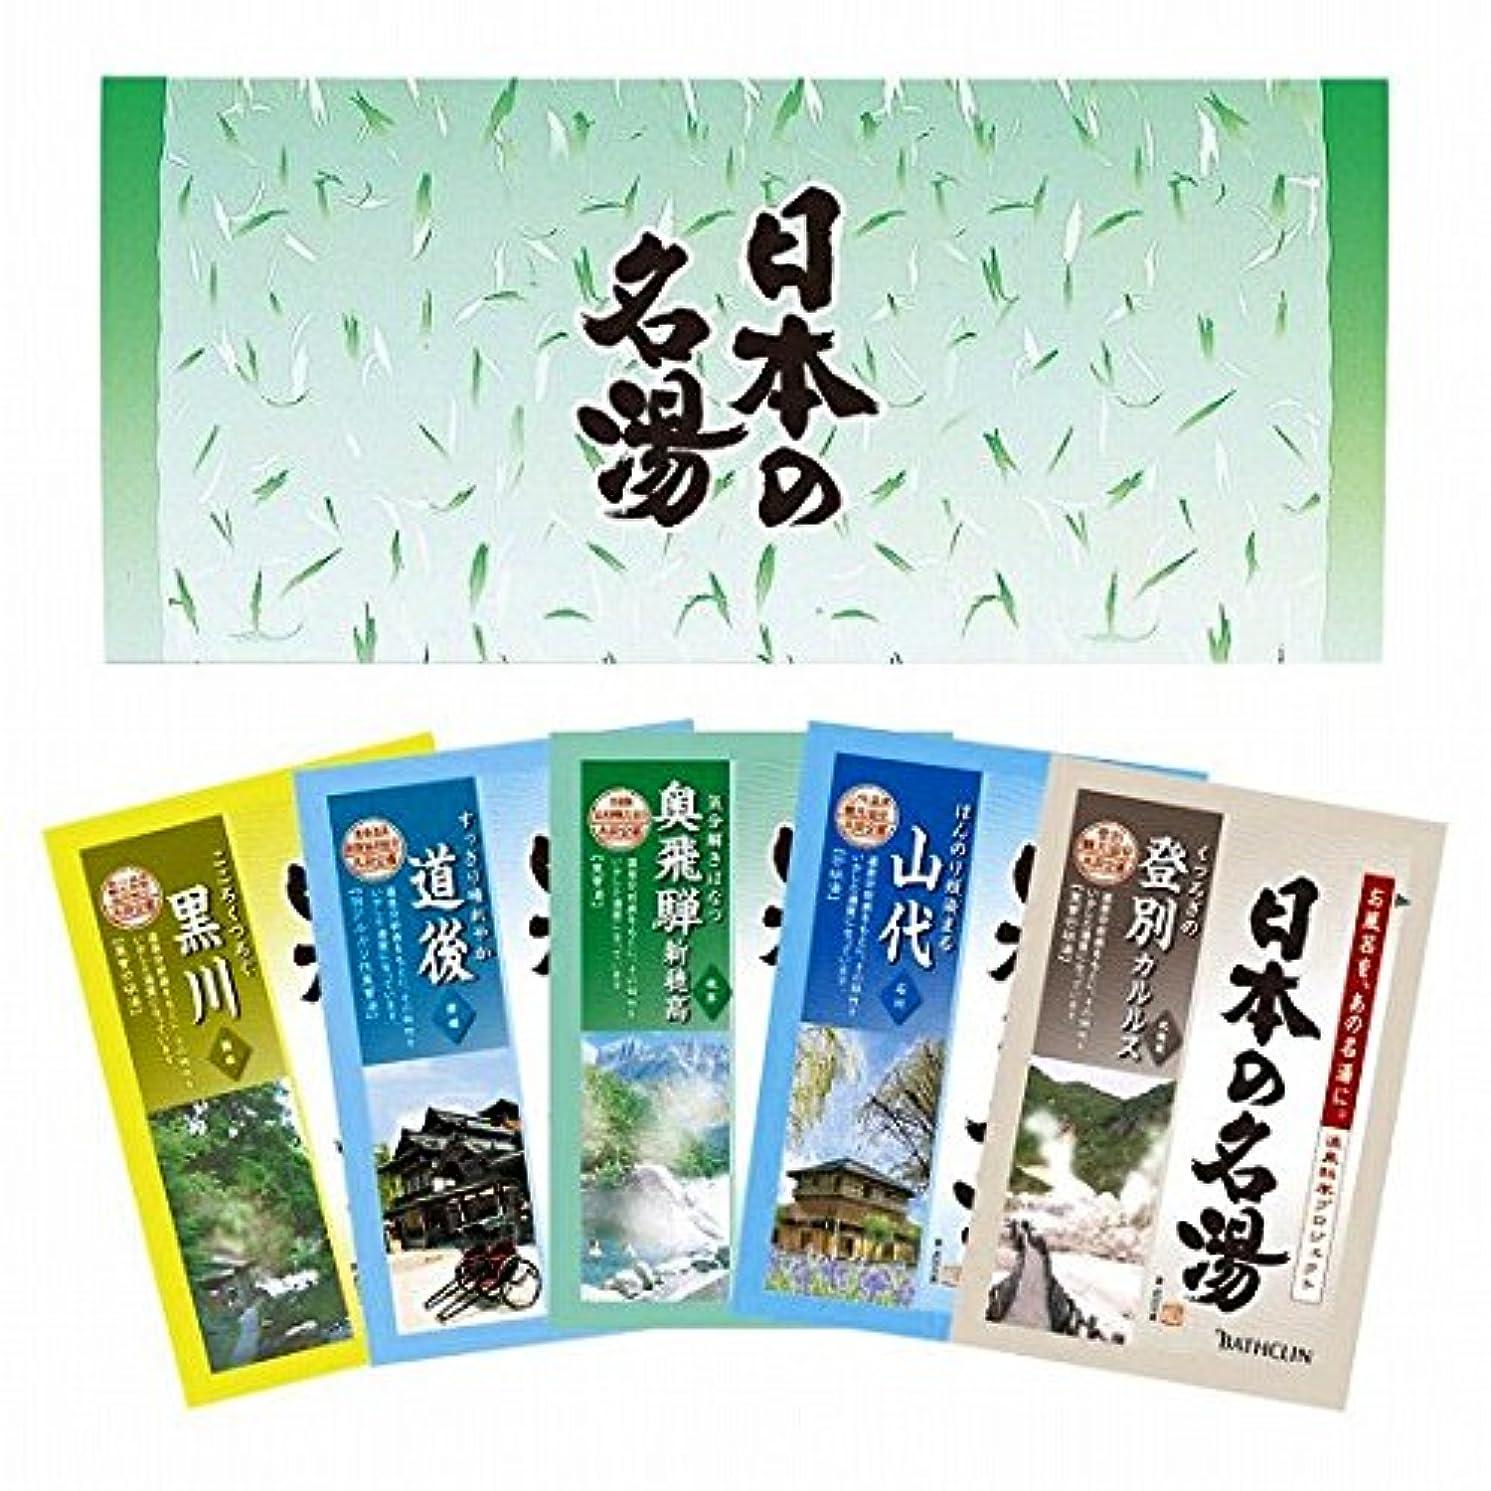 文芸ベジタリアン温帯nobrand 日本の名湯5包セット(OT-3D)